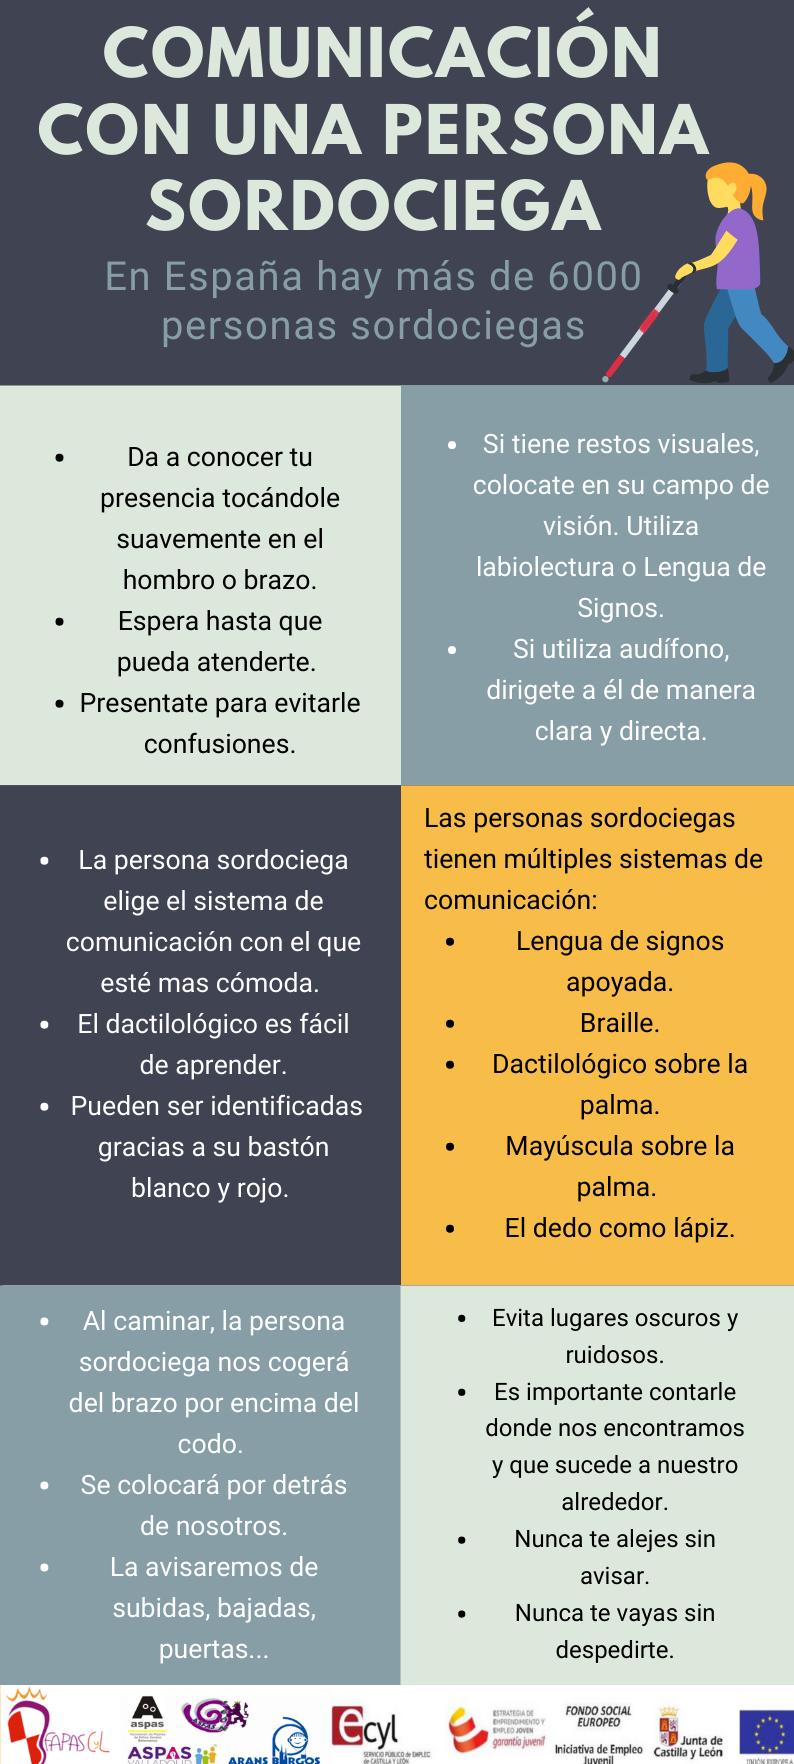 Comunicación con personas sordociegas